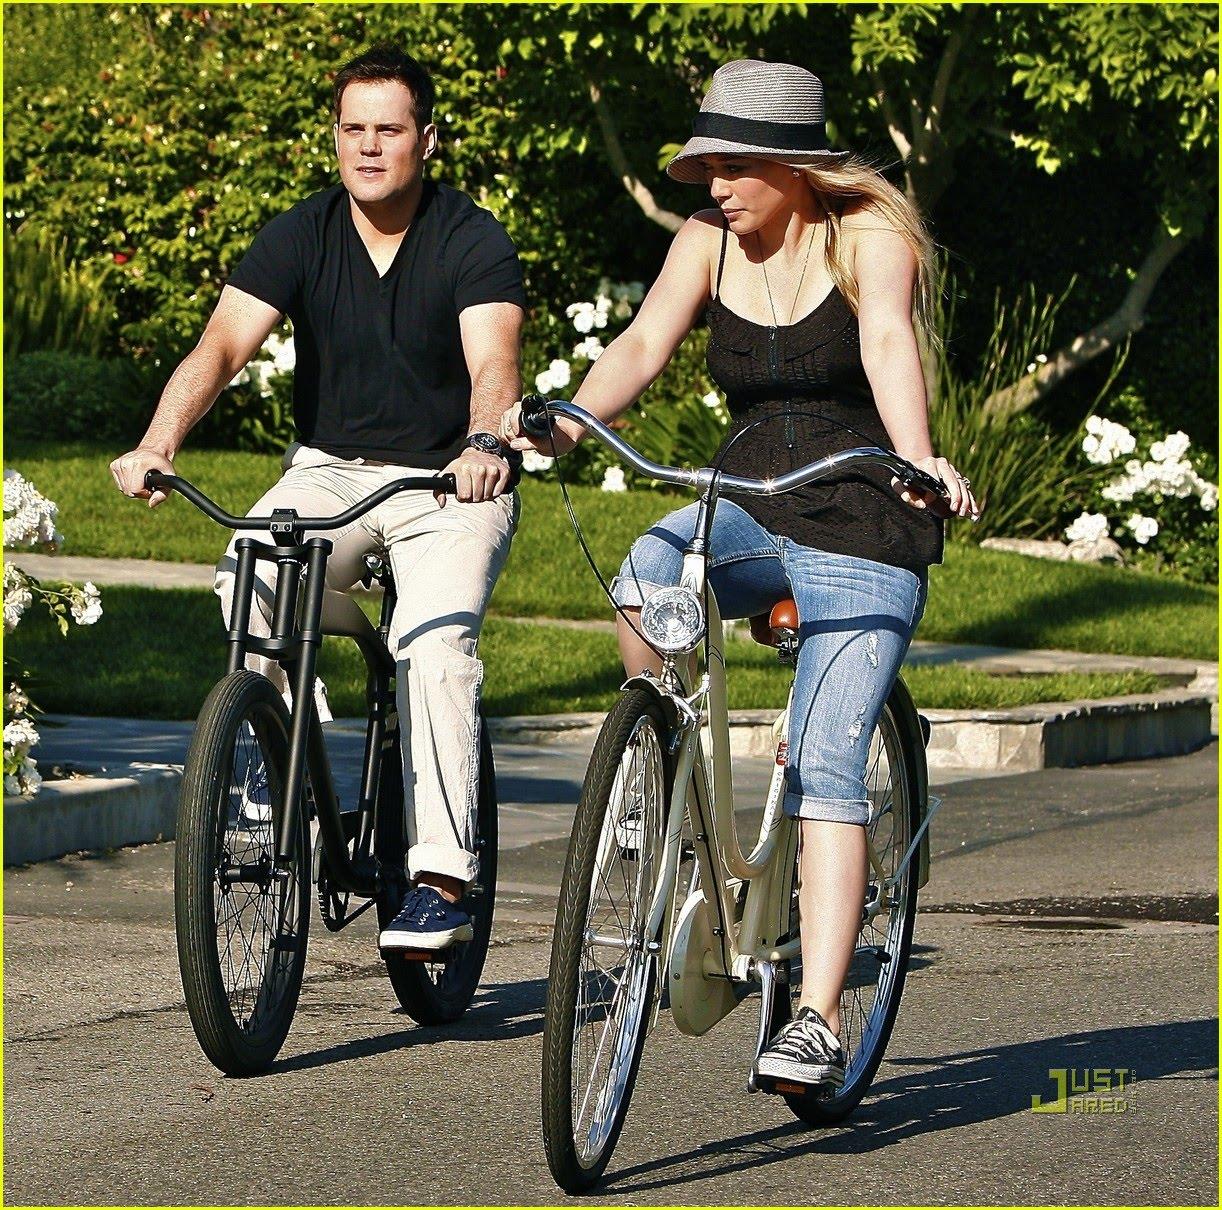 http://2.bp.blogspot.com/_sdW0OL9kcwQ/S_F1B_7XHLI/AAAAAAAATvQ/99H2uSWHasQ/s1600/hilary-duff-biking-01.jpg